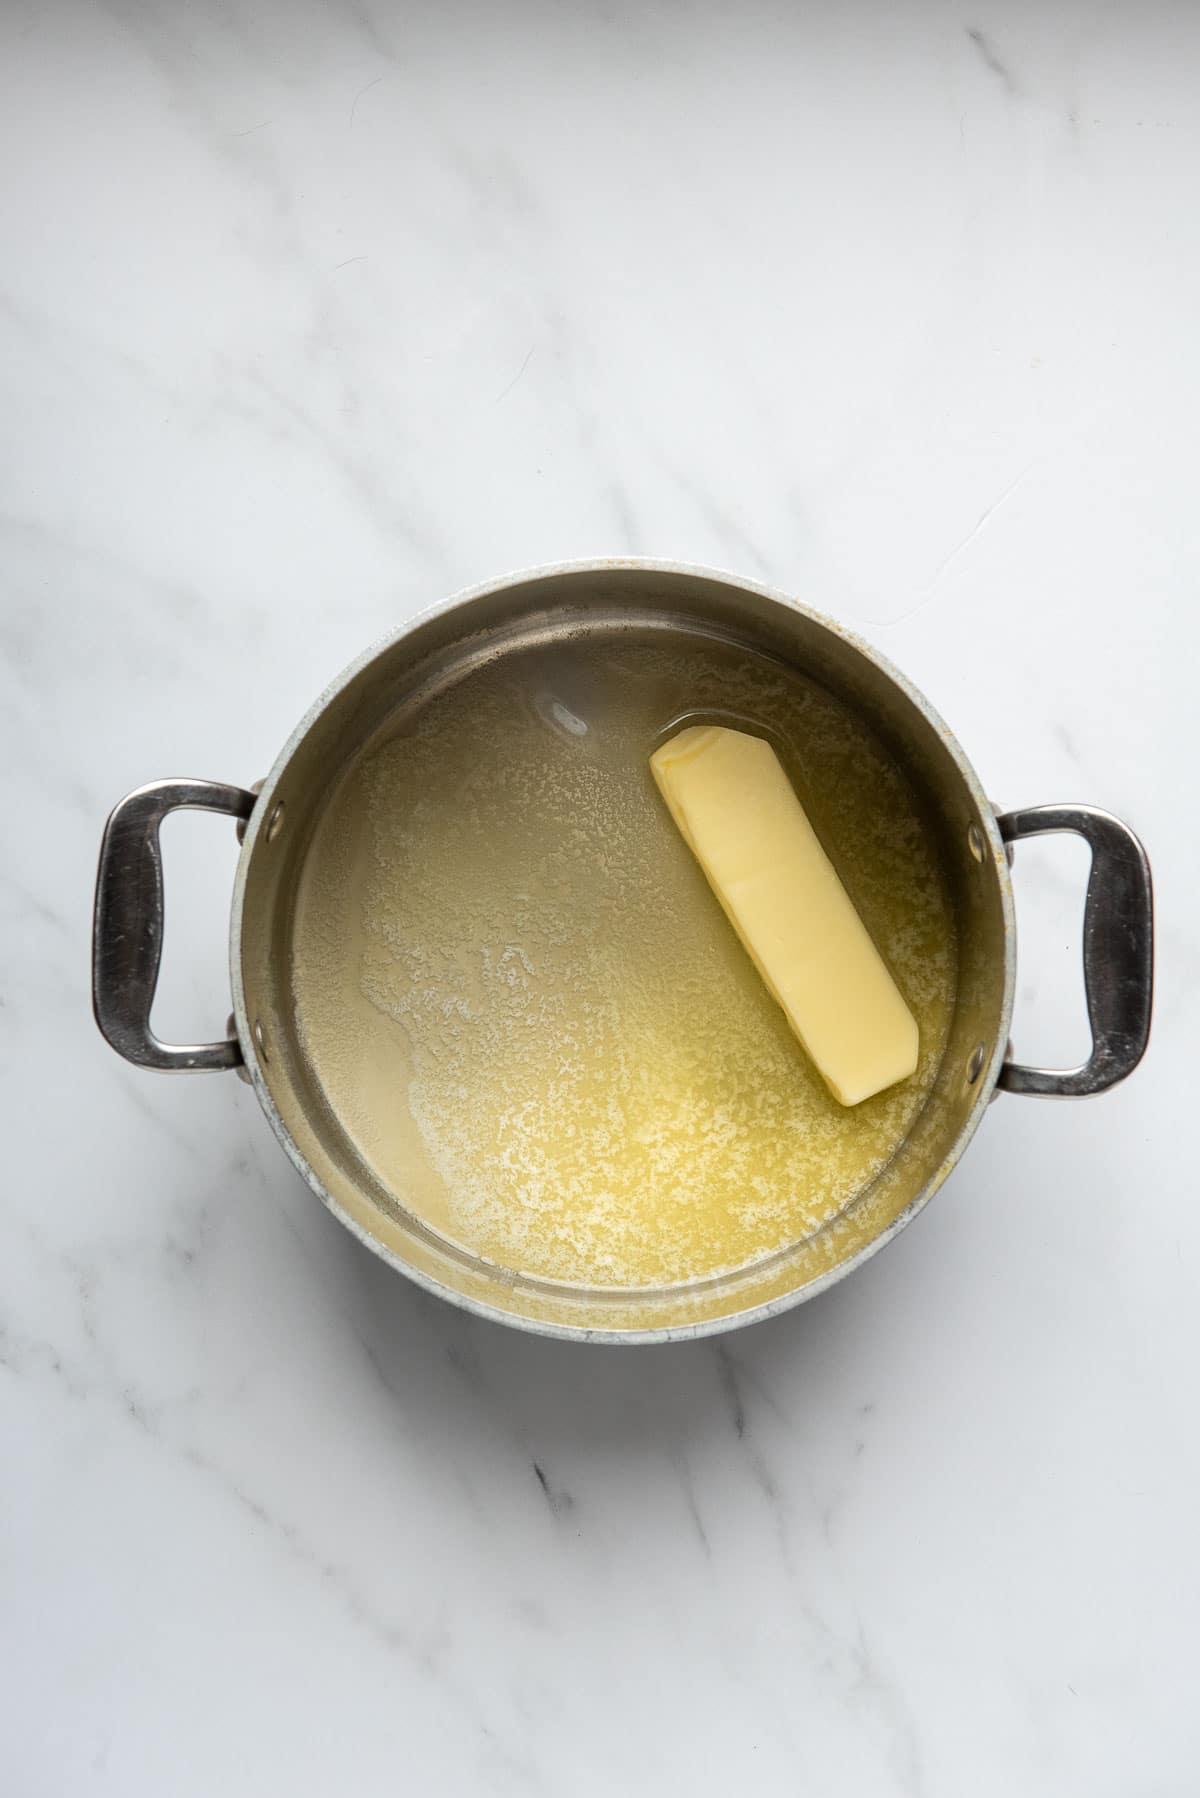 butter melting in a saucepan